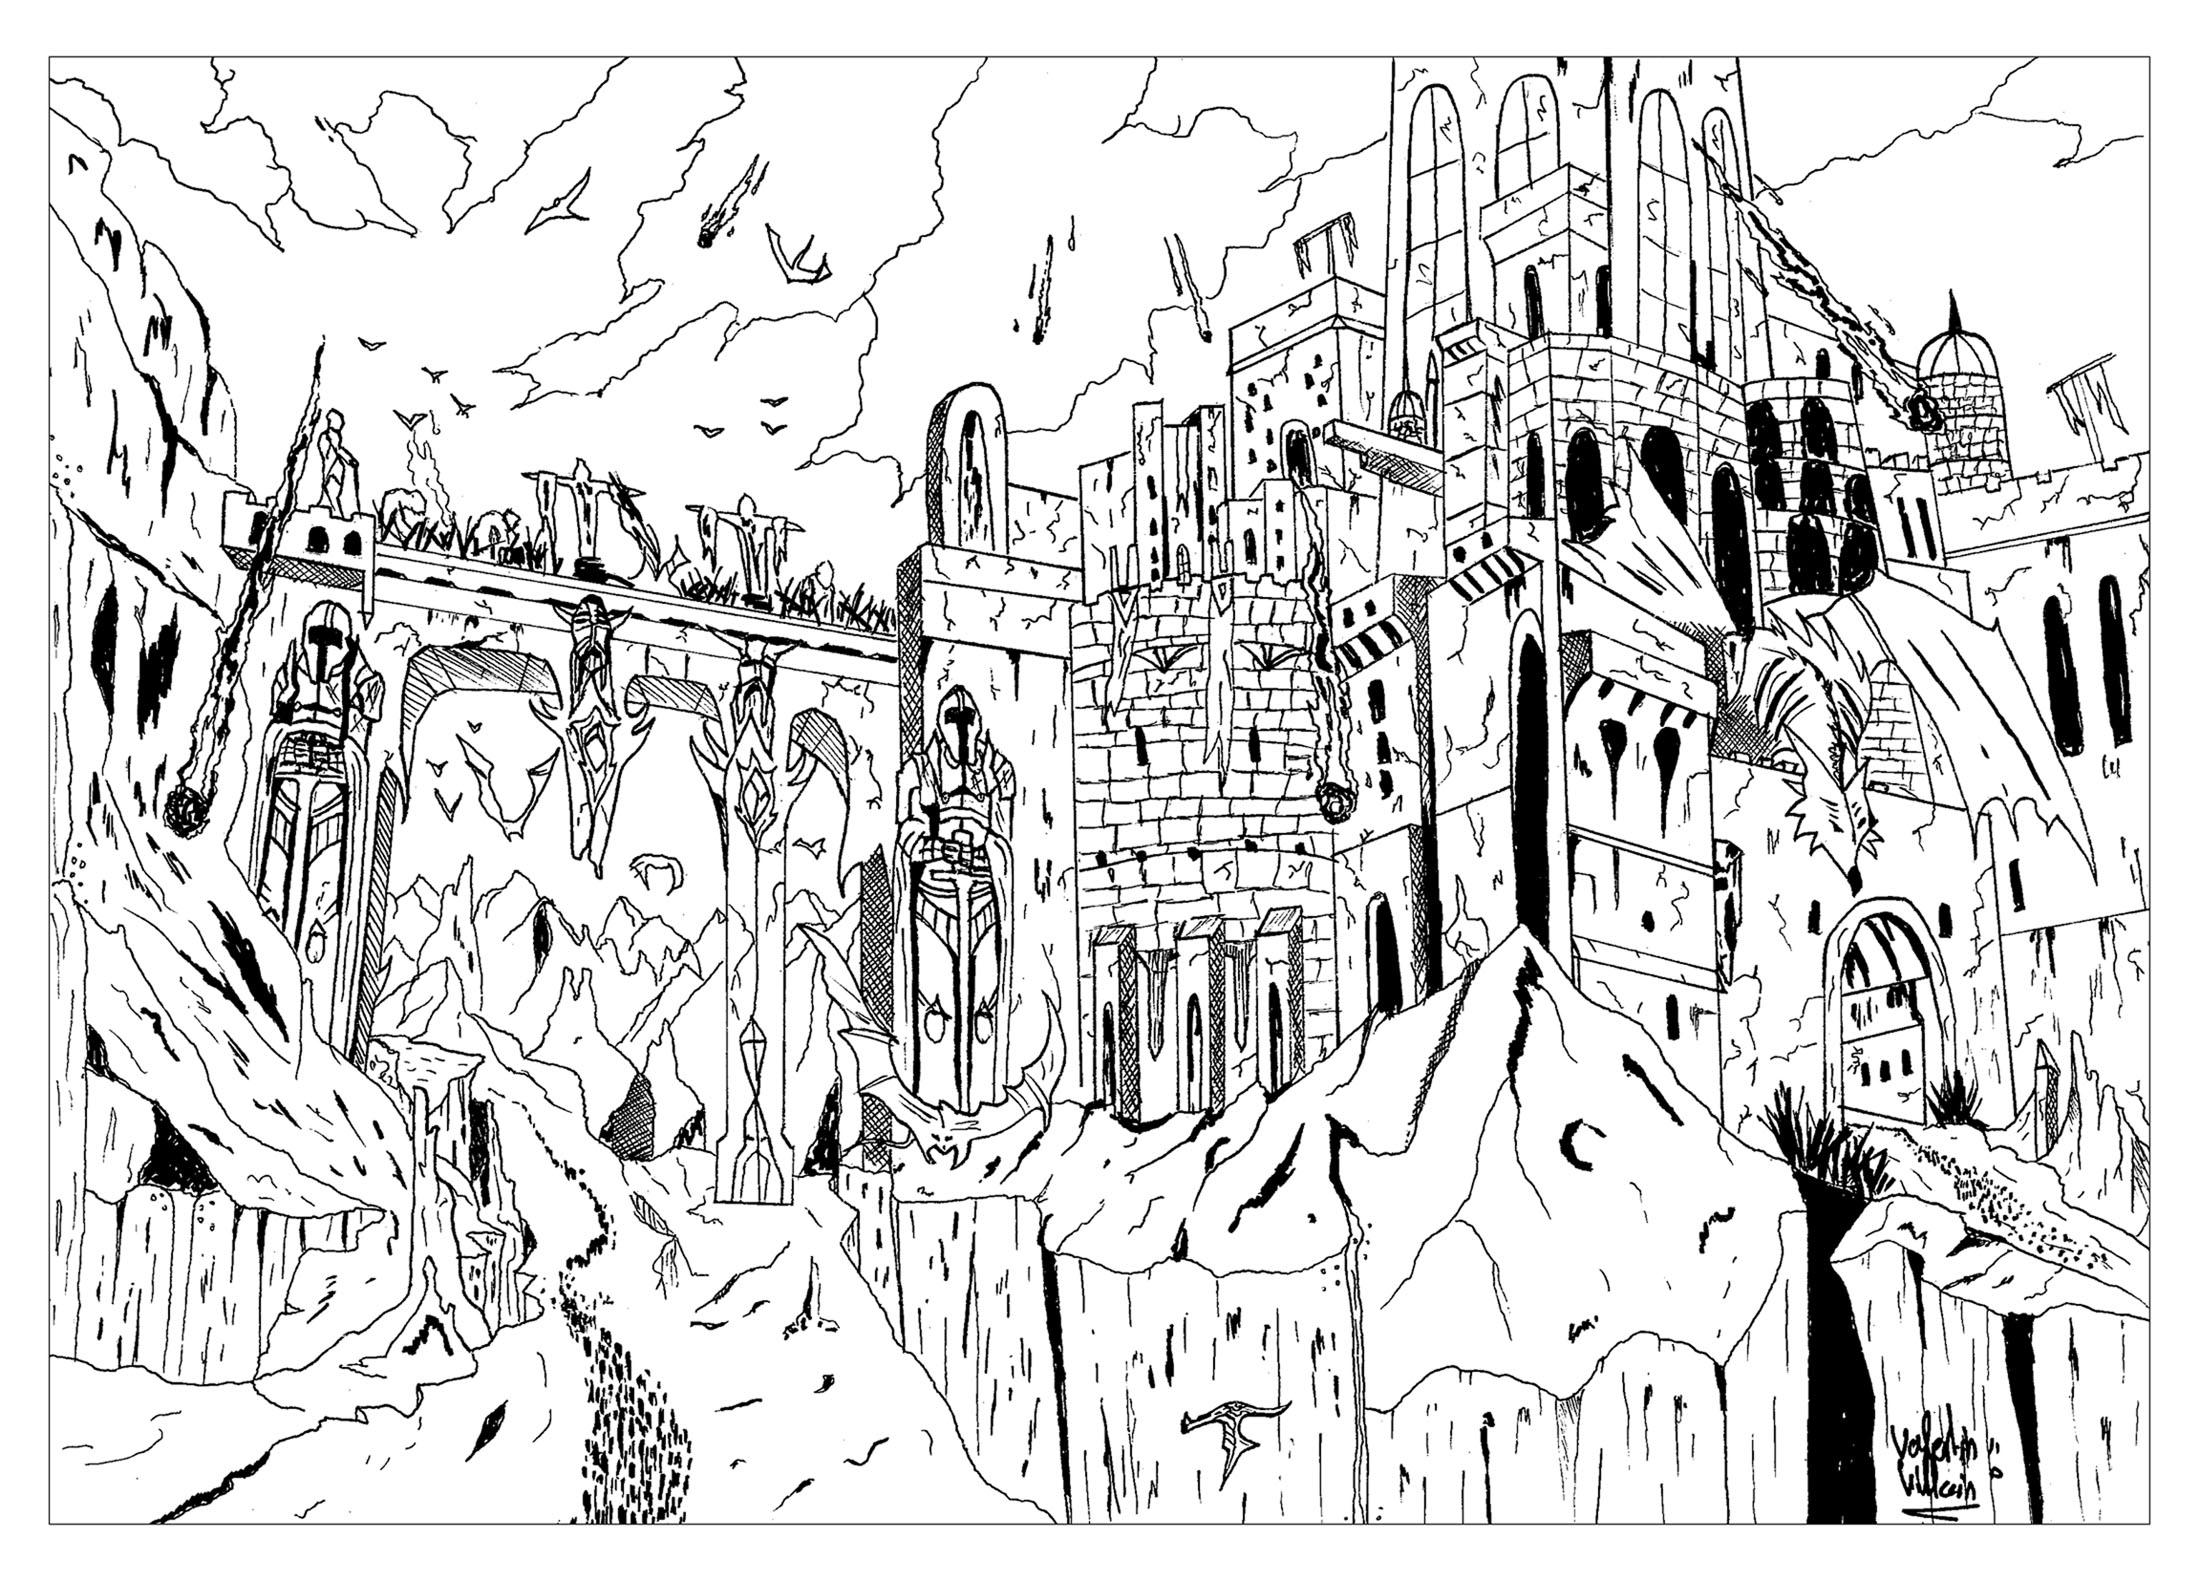 Coloriage d'une forteresse se faisant attaquer par des dragons